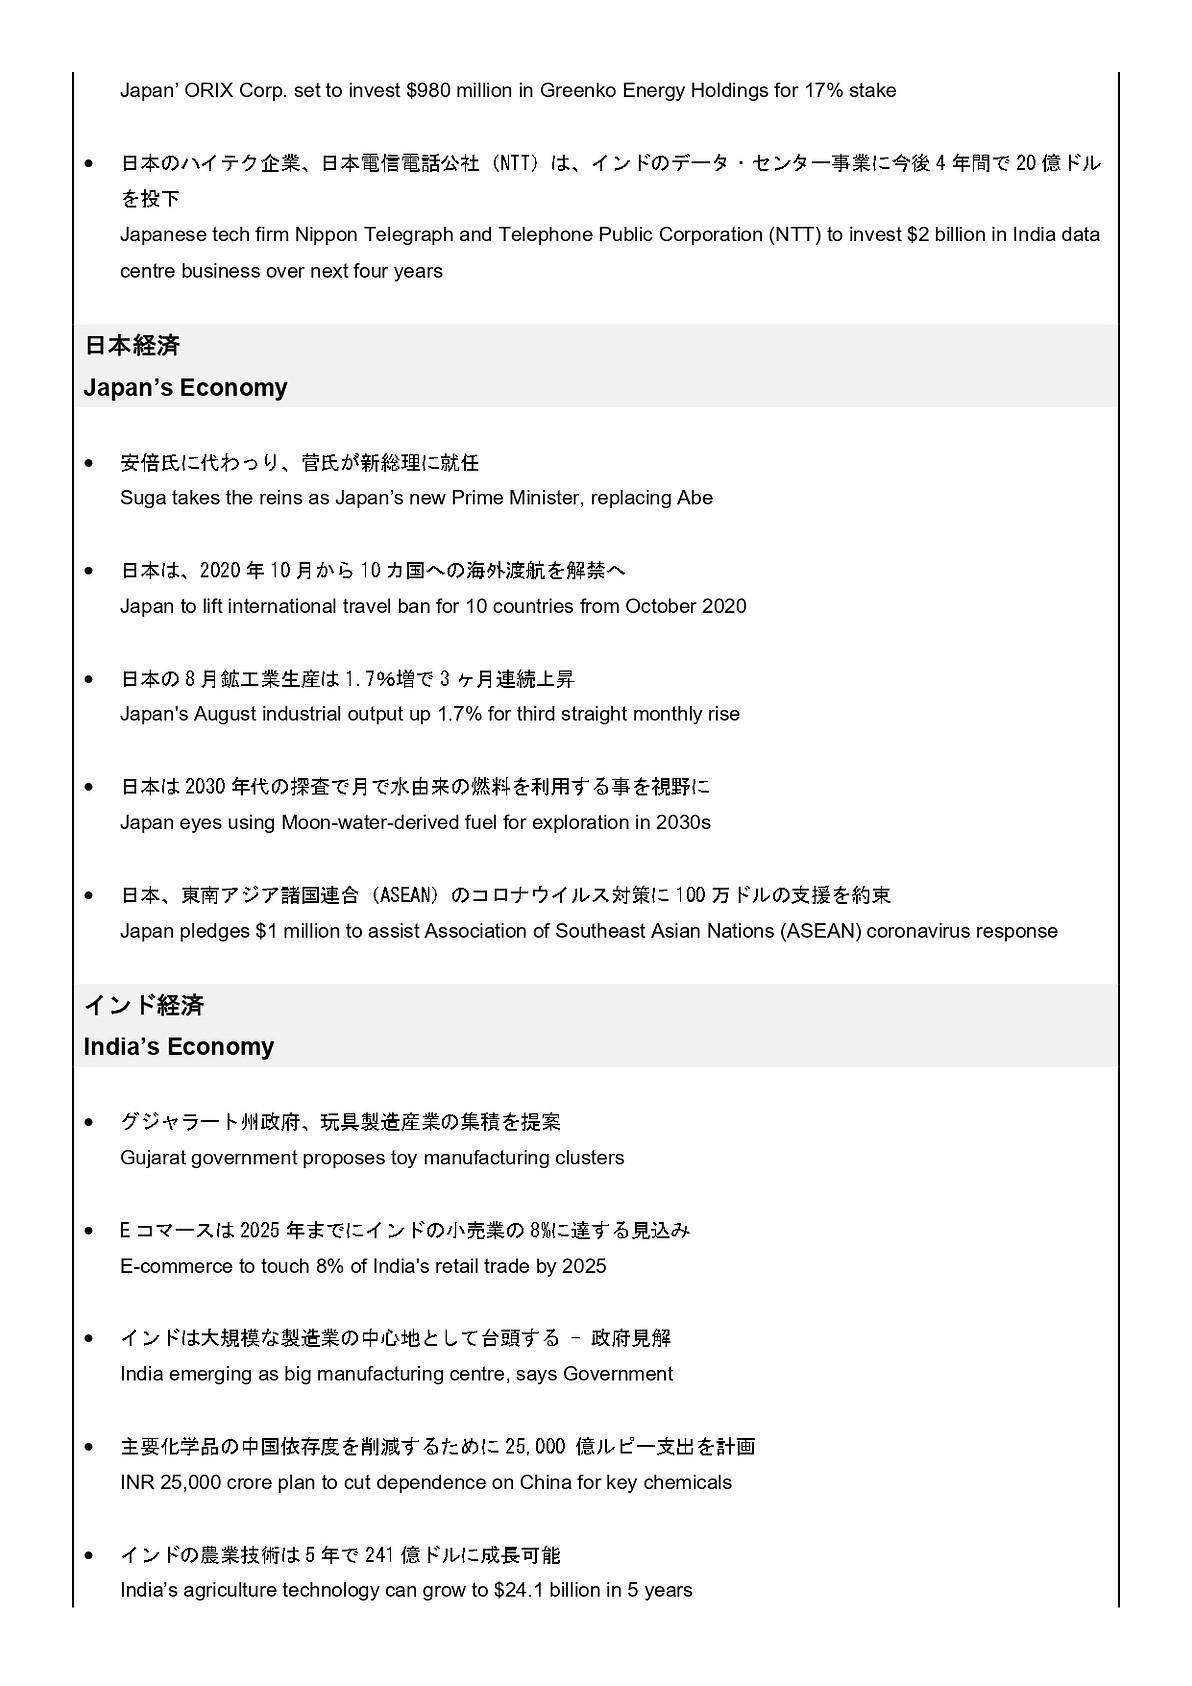 日印ビジネス洞察 Japan Bulletin_page-0002.jpg